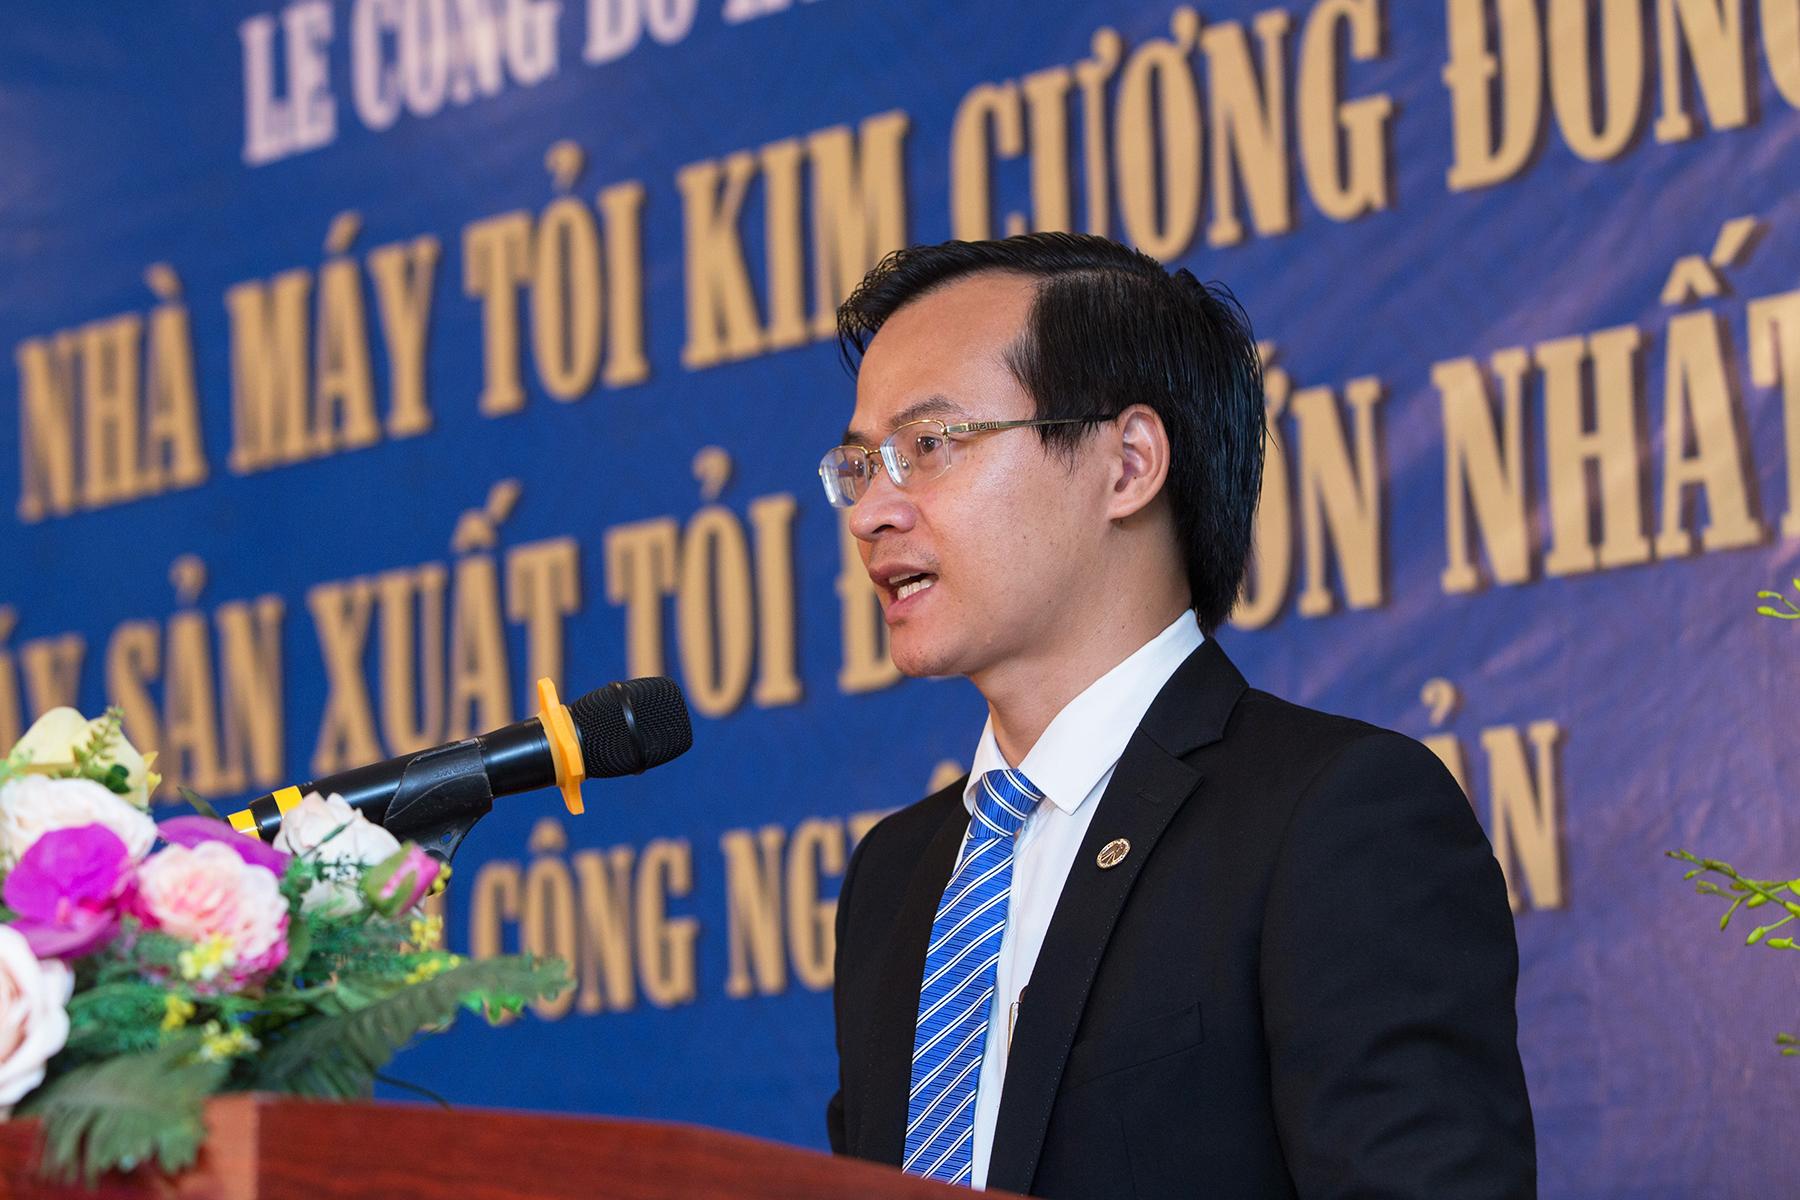 Ông Hoàng Thái Tuấn Anh – Tổng Thư ký Tổ chức Kỷ lục Đông Dương, Trưởng đại diện văn phòng phát triển Kỷ lục miền Bắc đại diện công bố Kỷ lục